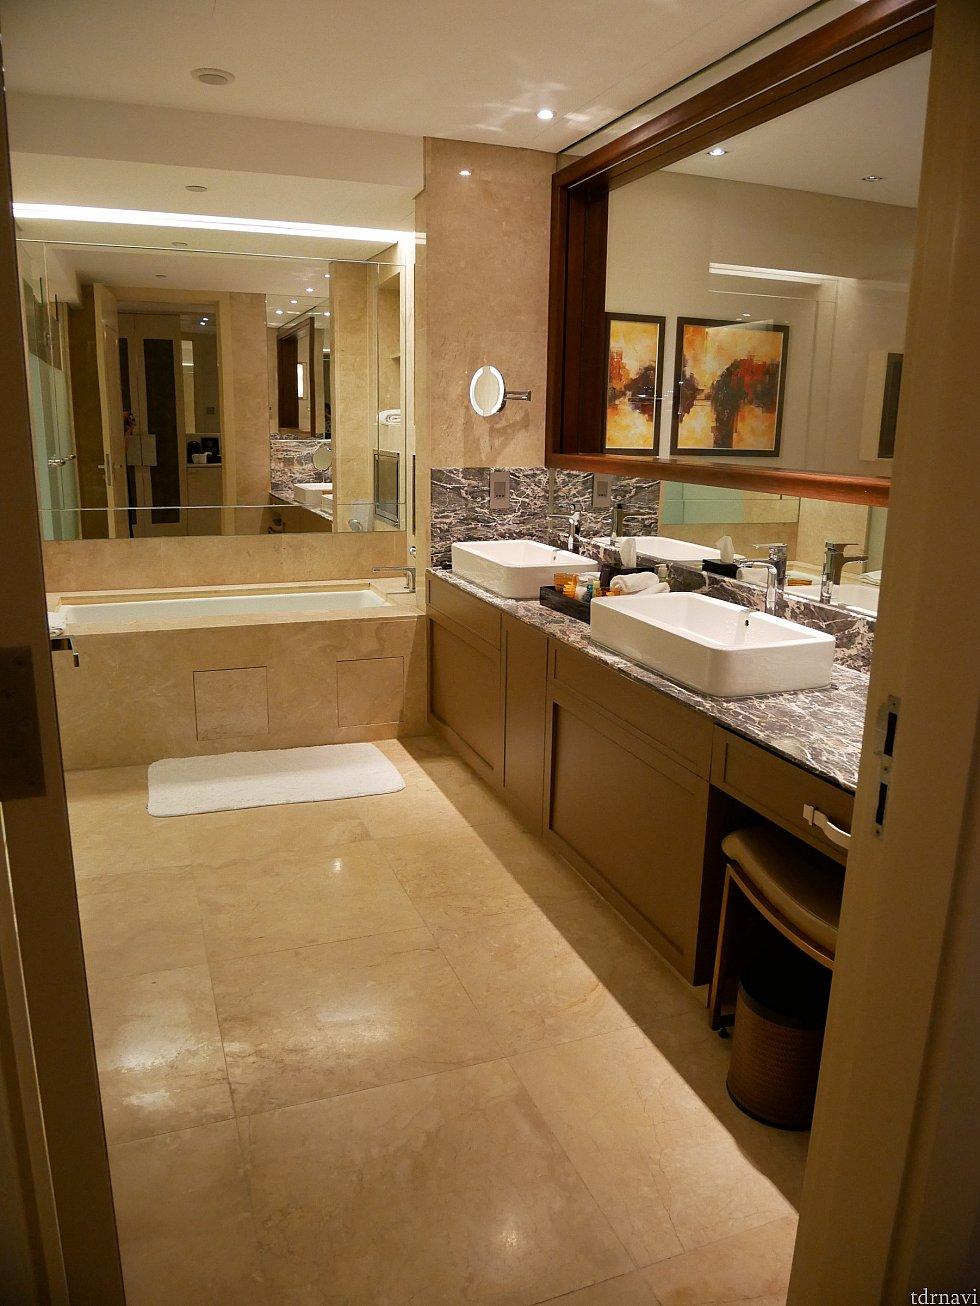 洗面所も広い!洗面台のところは大きな窓になっていて、ベッドの部屋とつながっています。カーテンを下すこともできます。 手前の見えないところに鏡があり、引き出しにドライヤーが入ってました。 写真に写っていない左側にトイレとシャワー室があります!